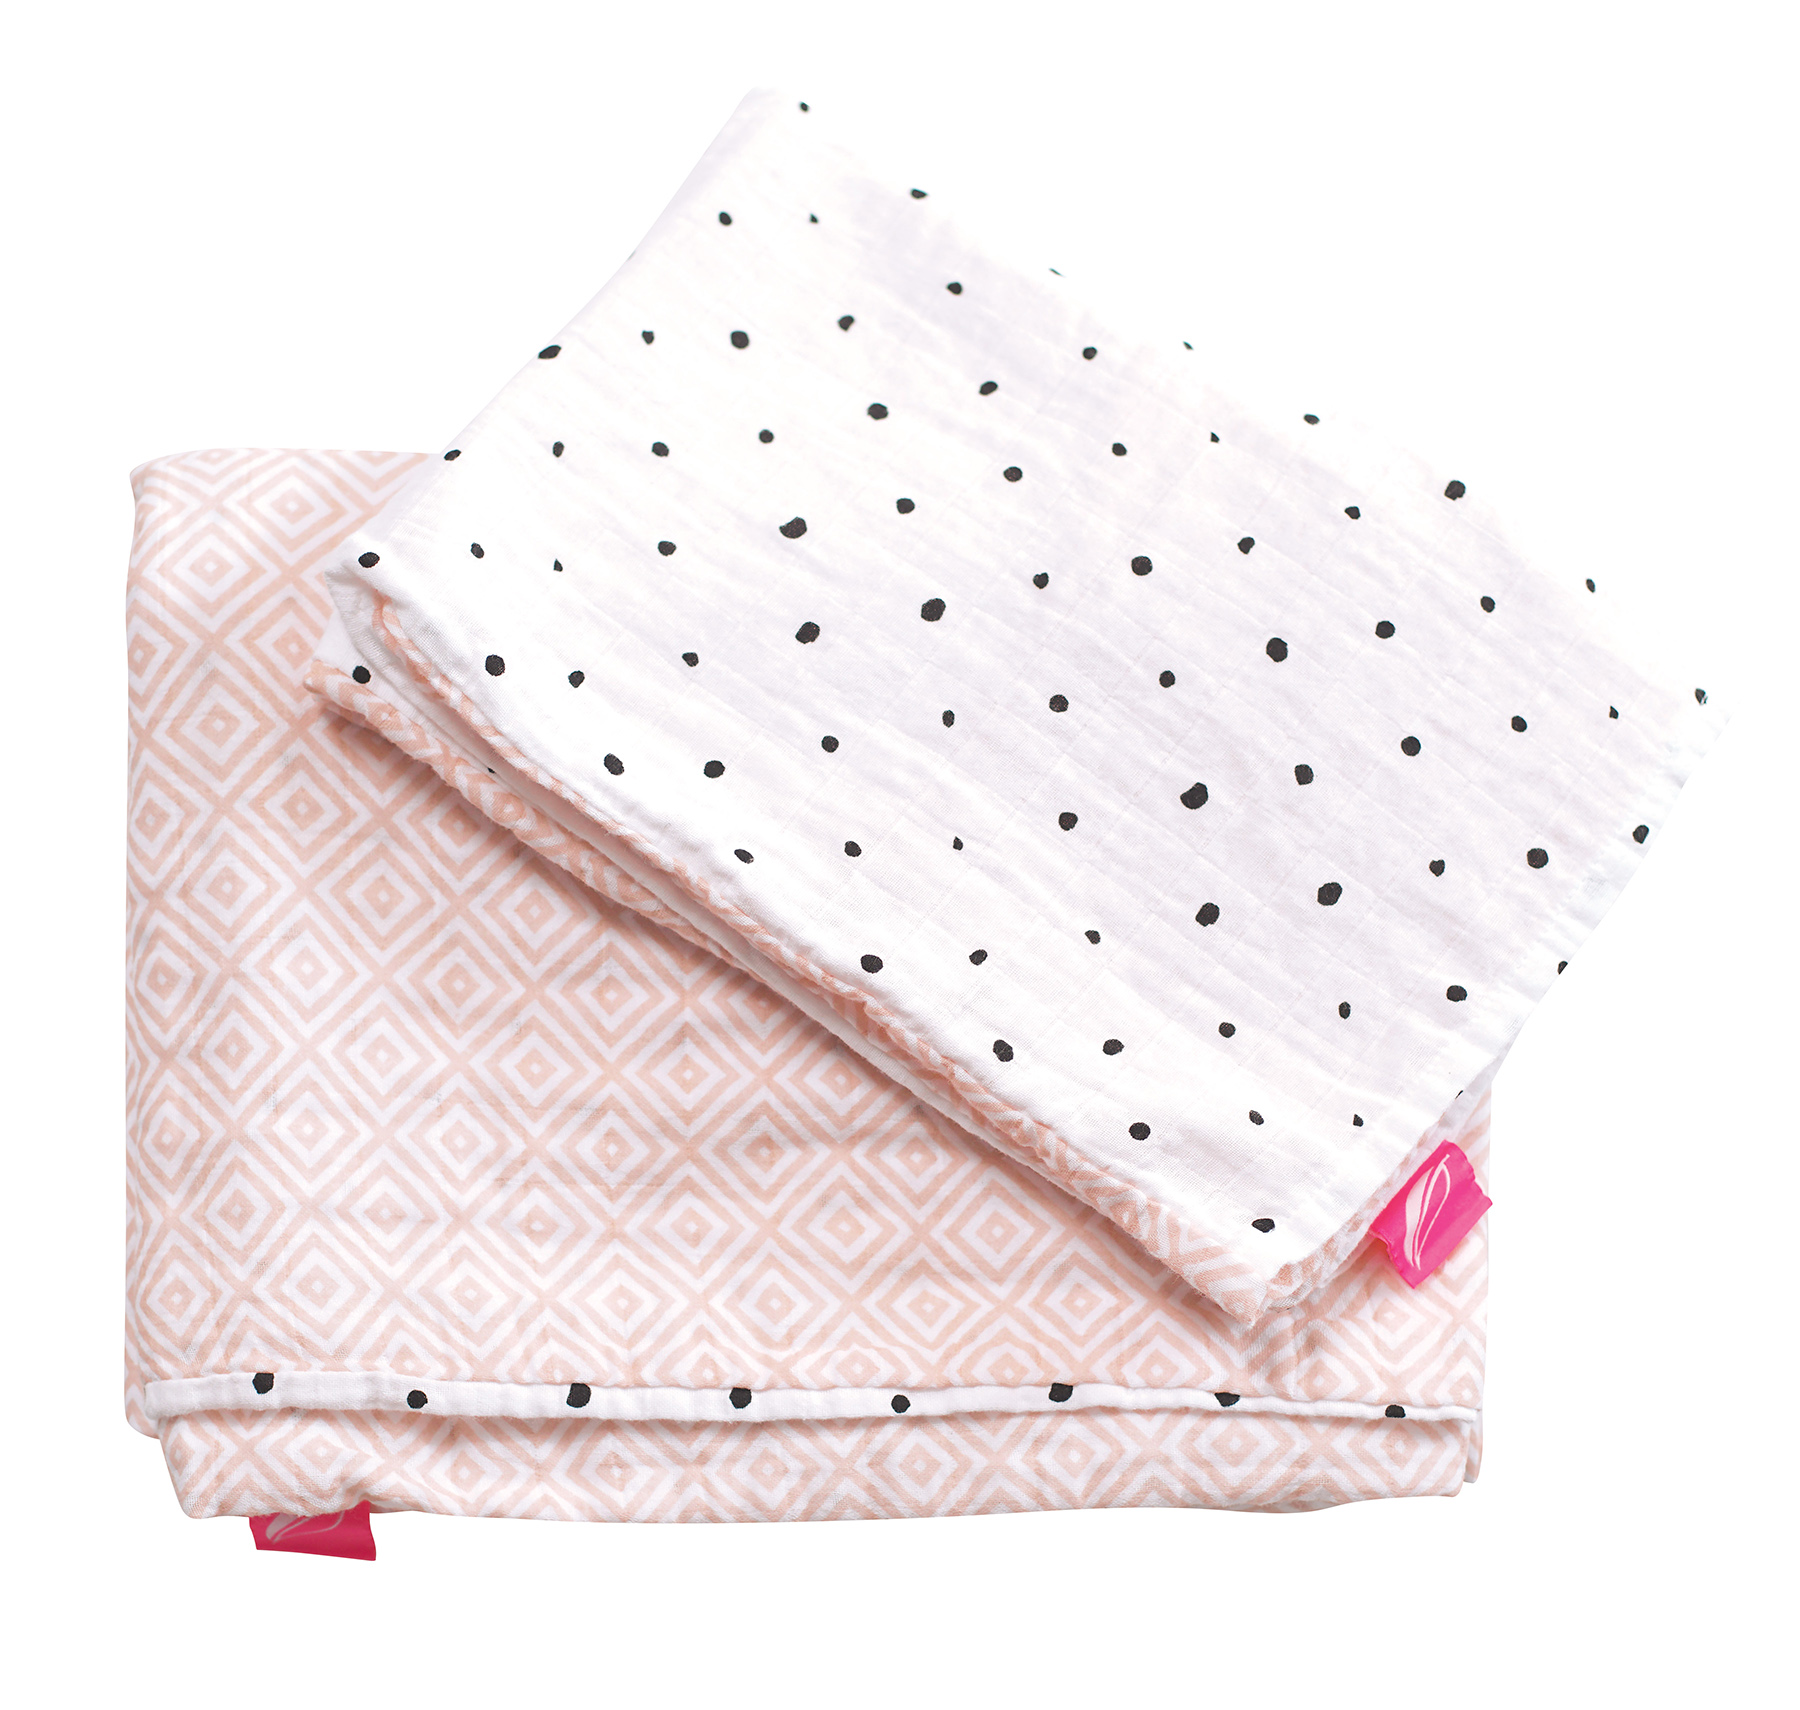 Obliečky bavlnené mušelínové do postieľky Pre-Washed Pink Squares 2-dielne